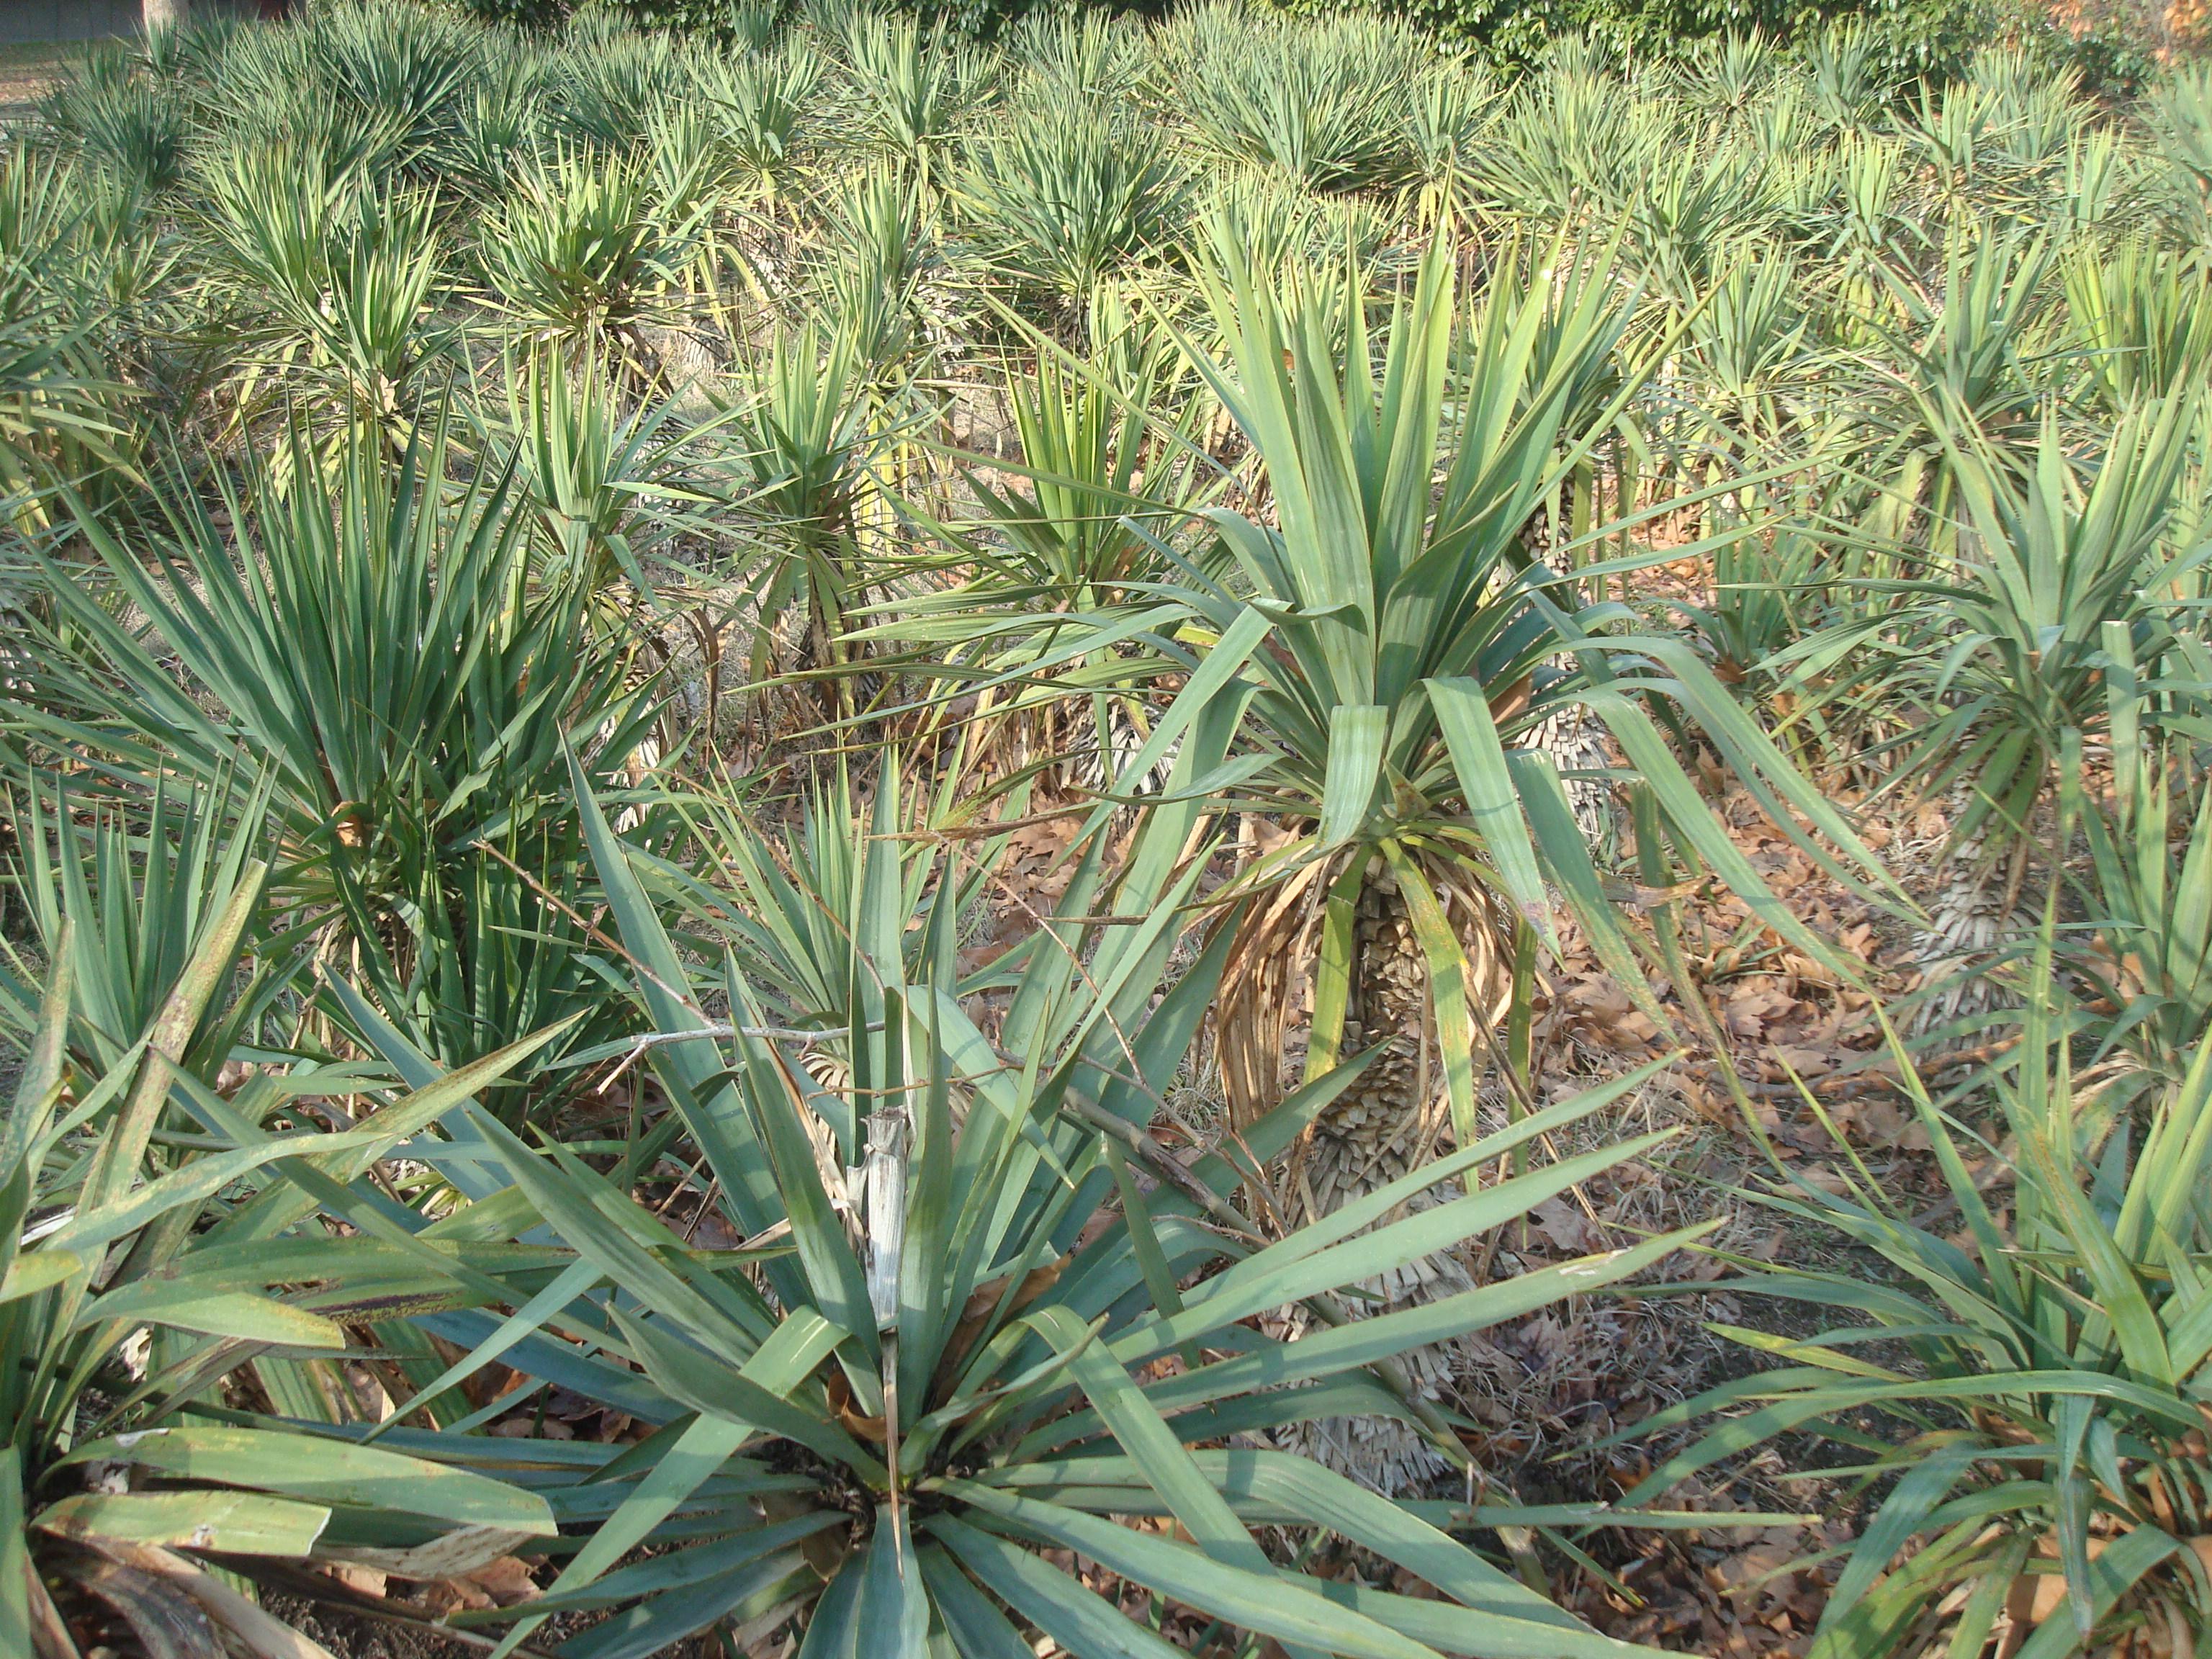 Palms garden, Palms, Park, Plants, Palm, HQ Photo